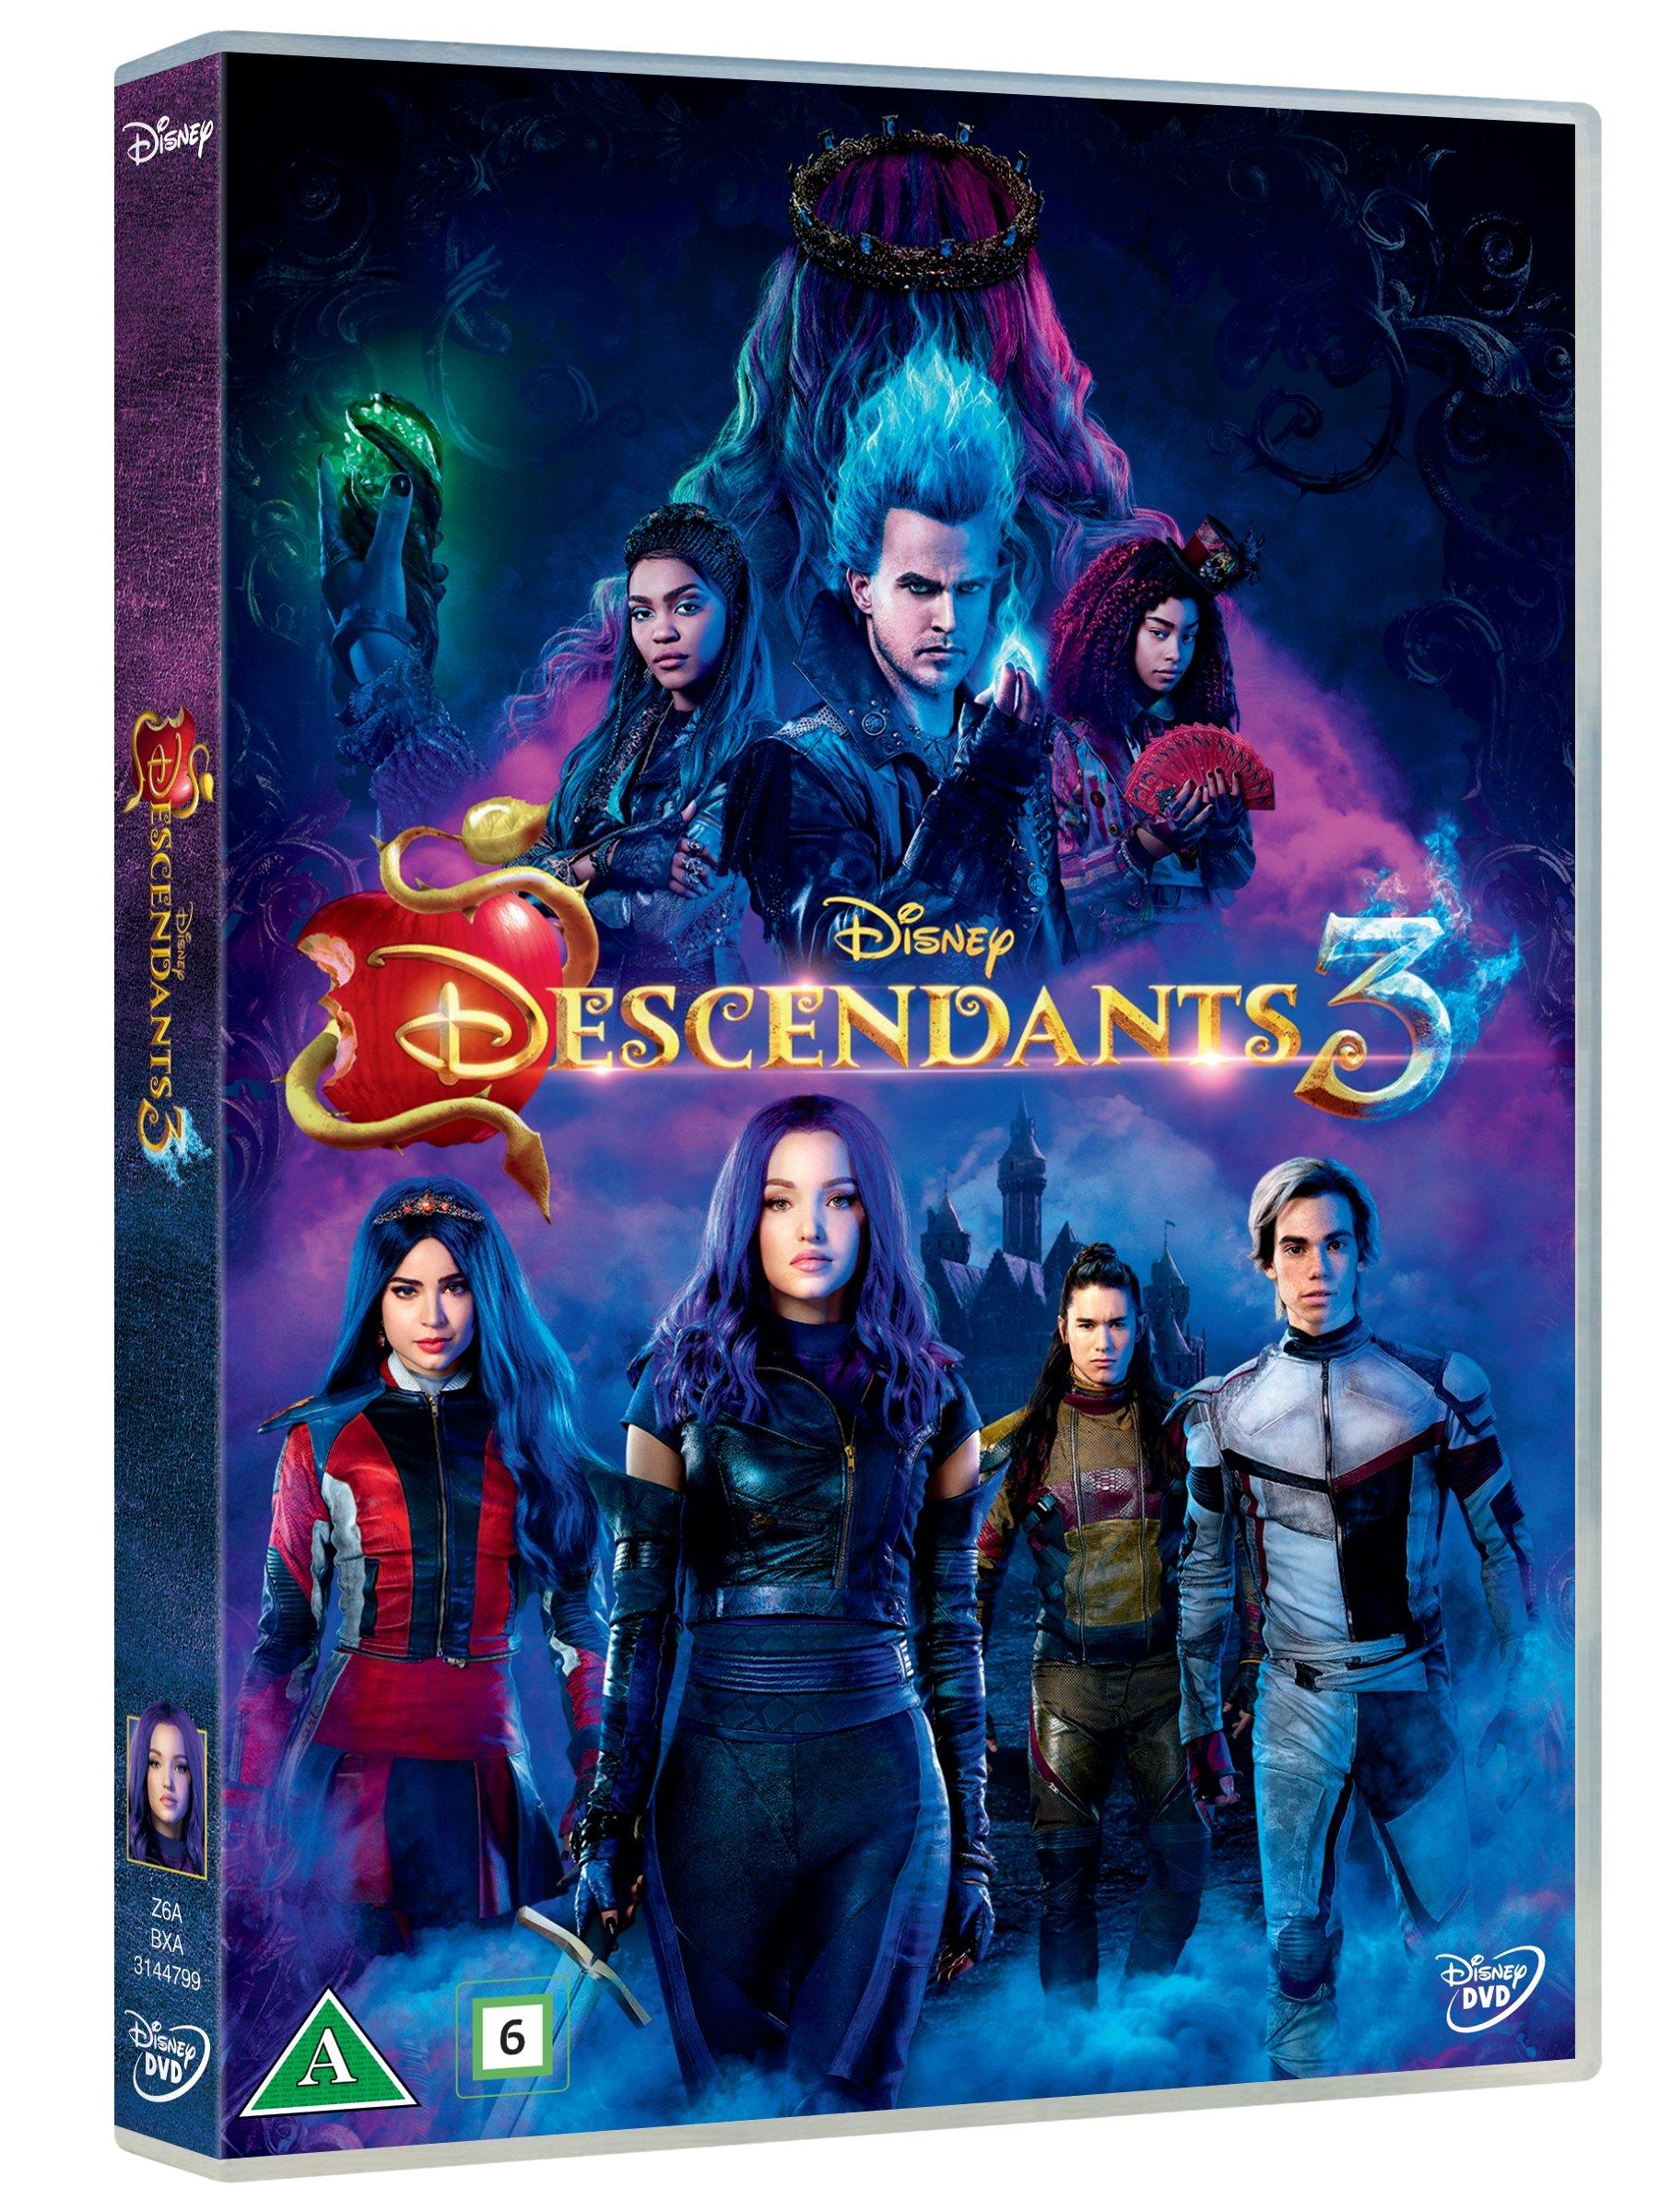 Descendants 3 - DVD